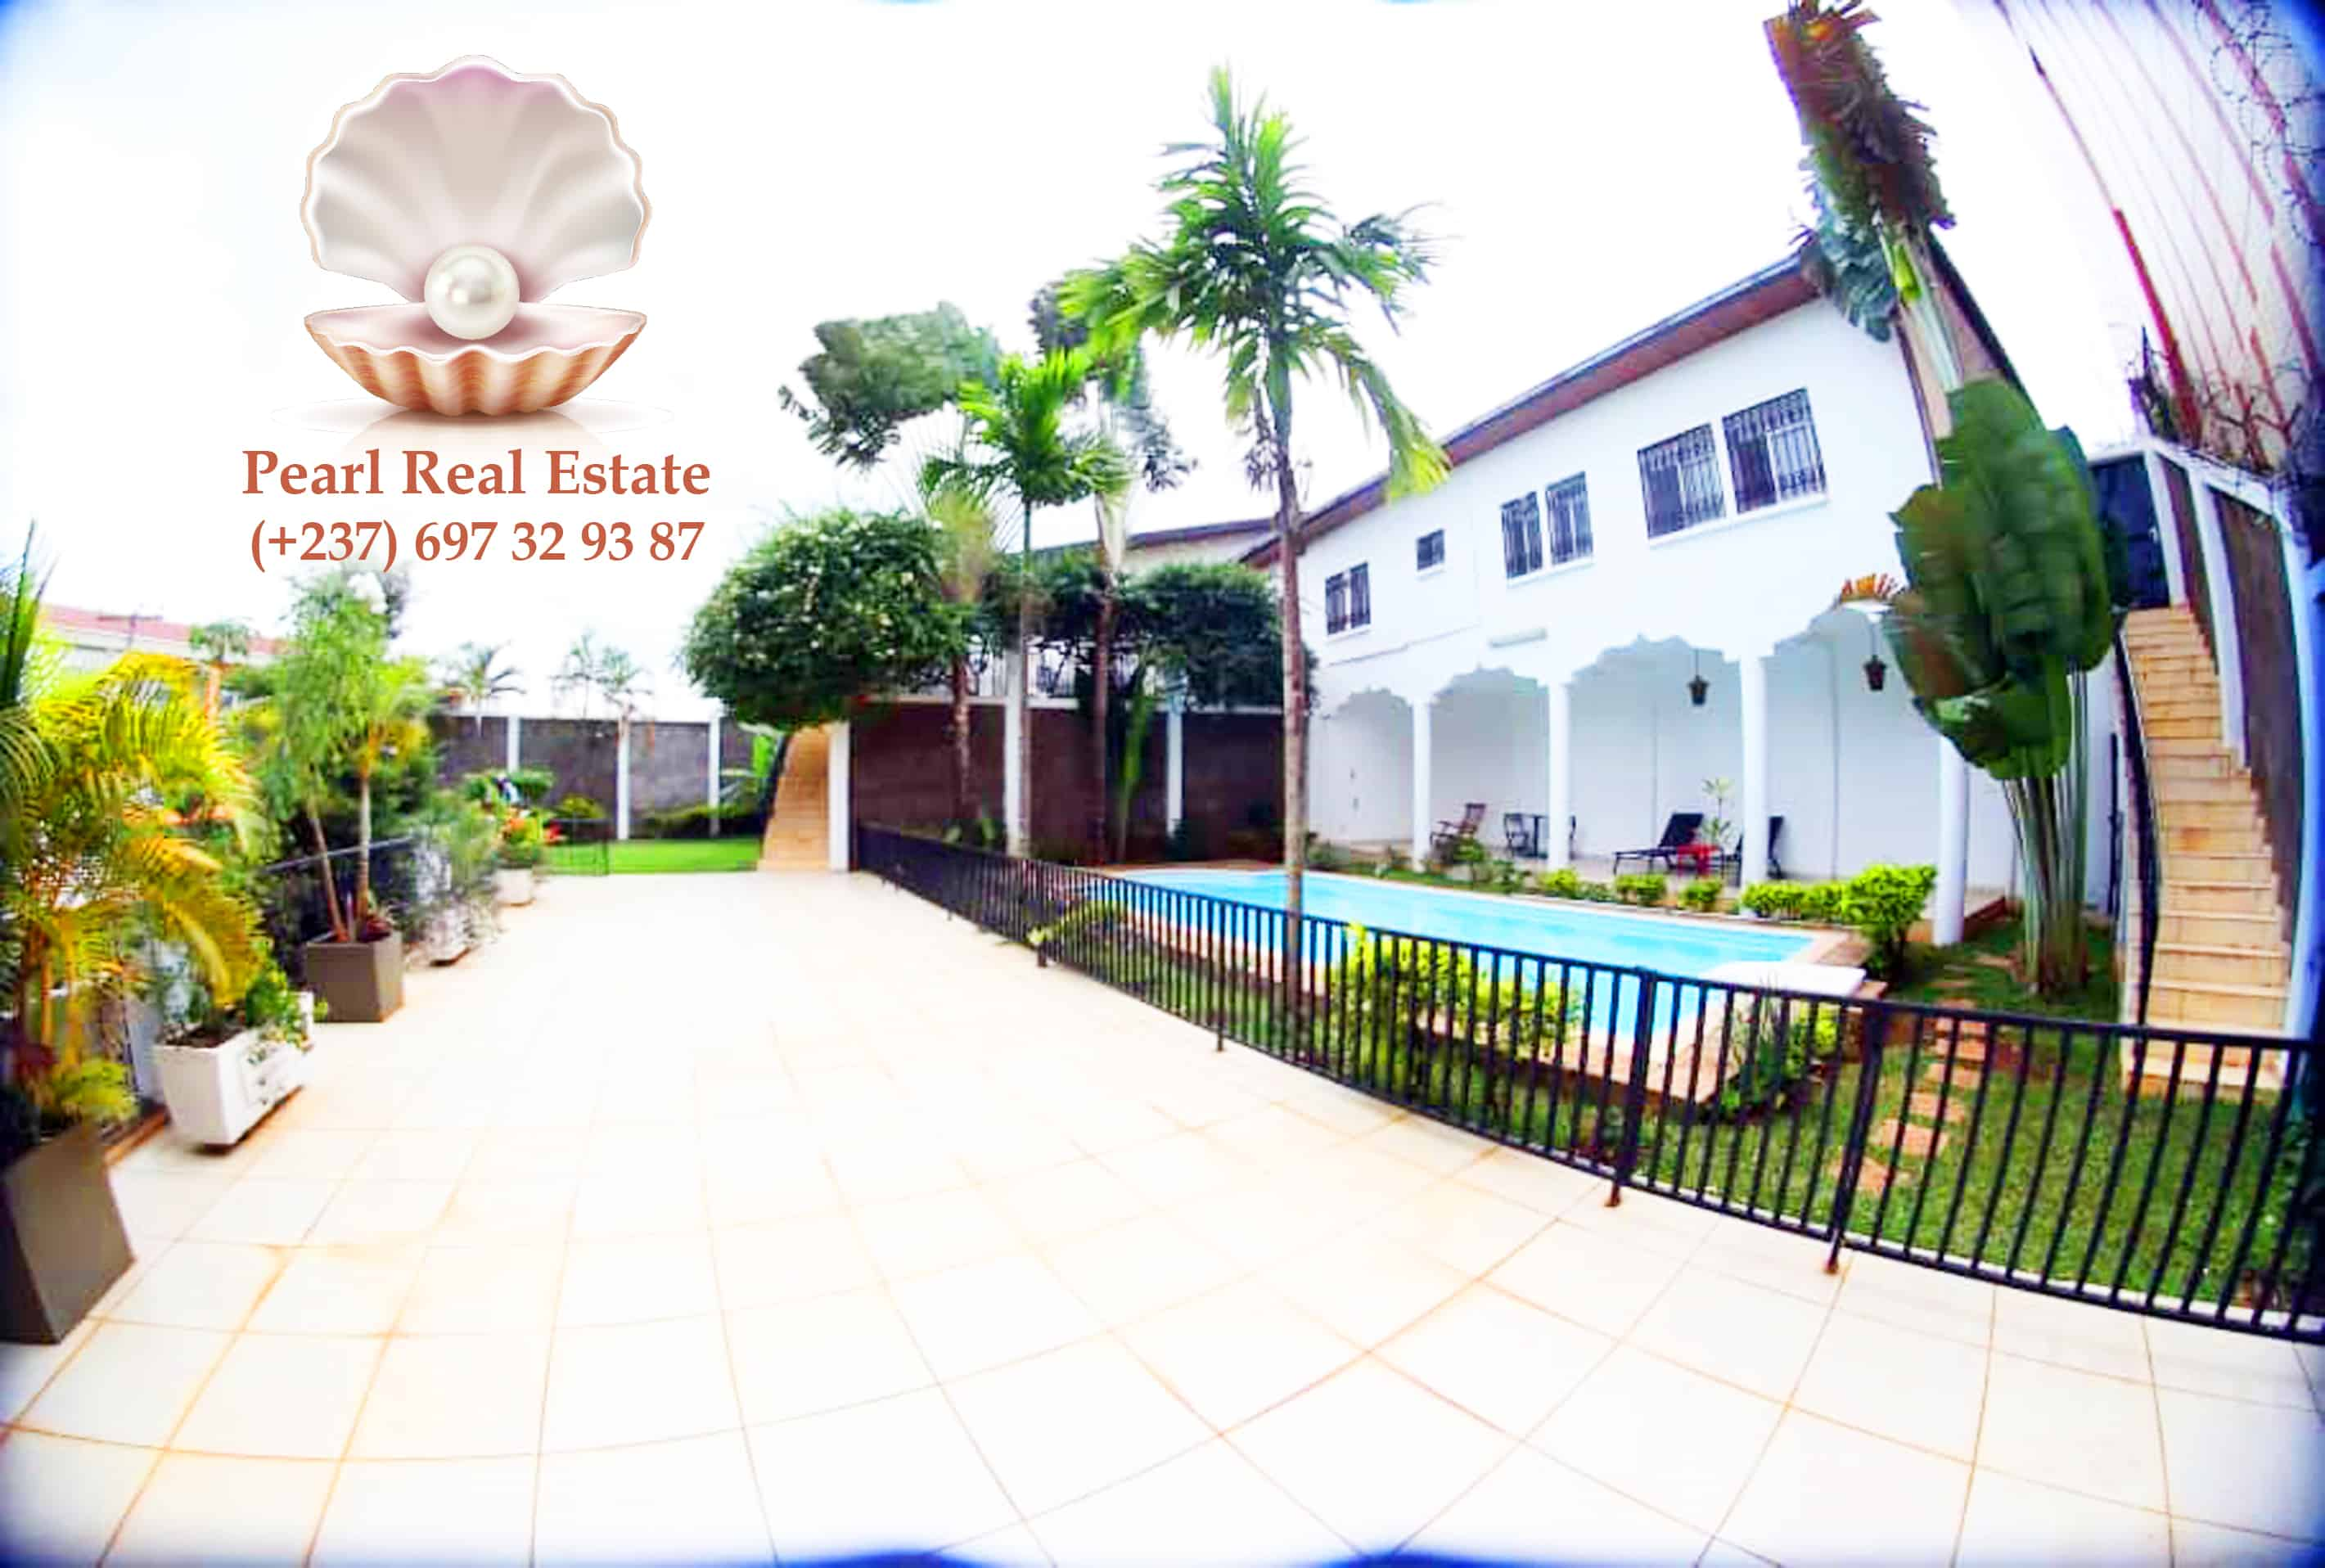 Maison (Villa) à vendre - Yaoundé, Bastos, Bastos - 1 salon(s), 4 chambre(s), 3 salle(s) de bains - 500 000 000 FCFA